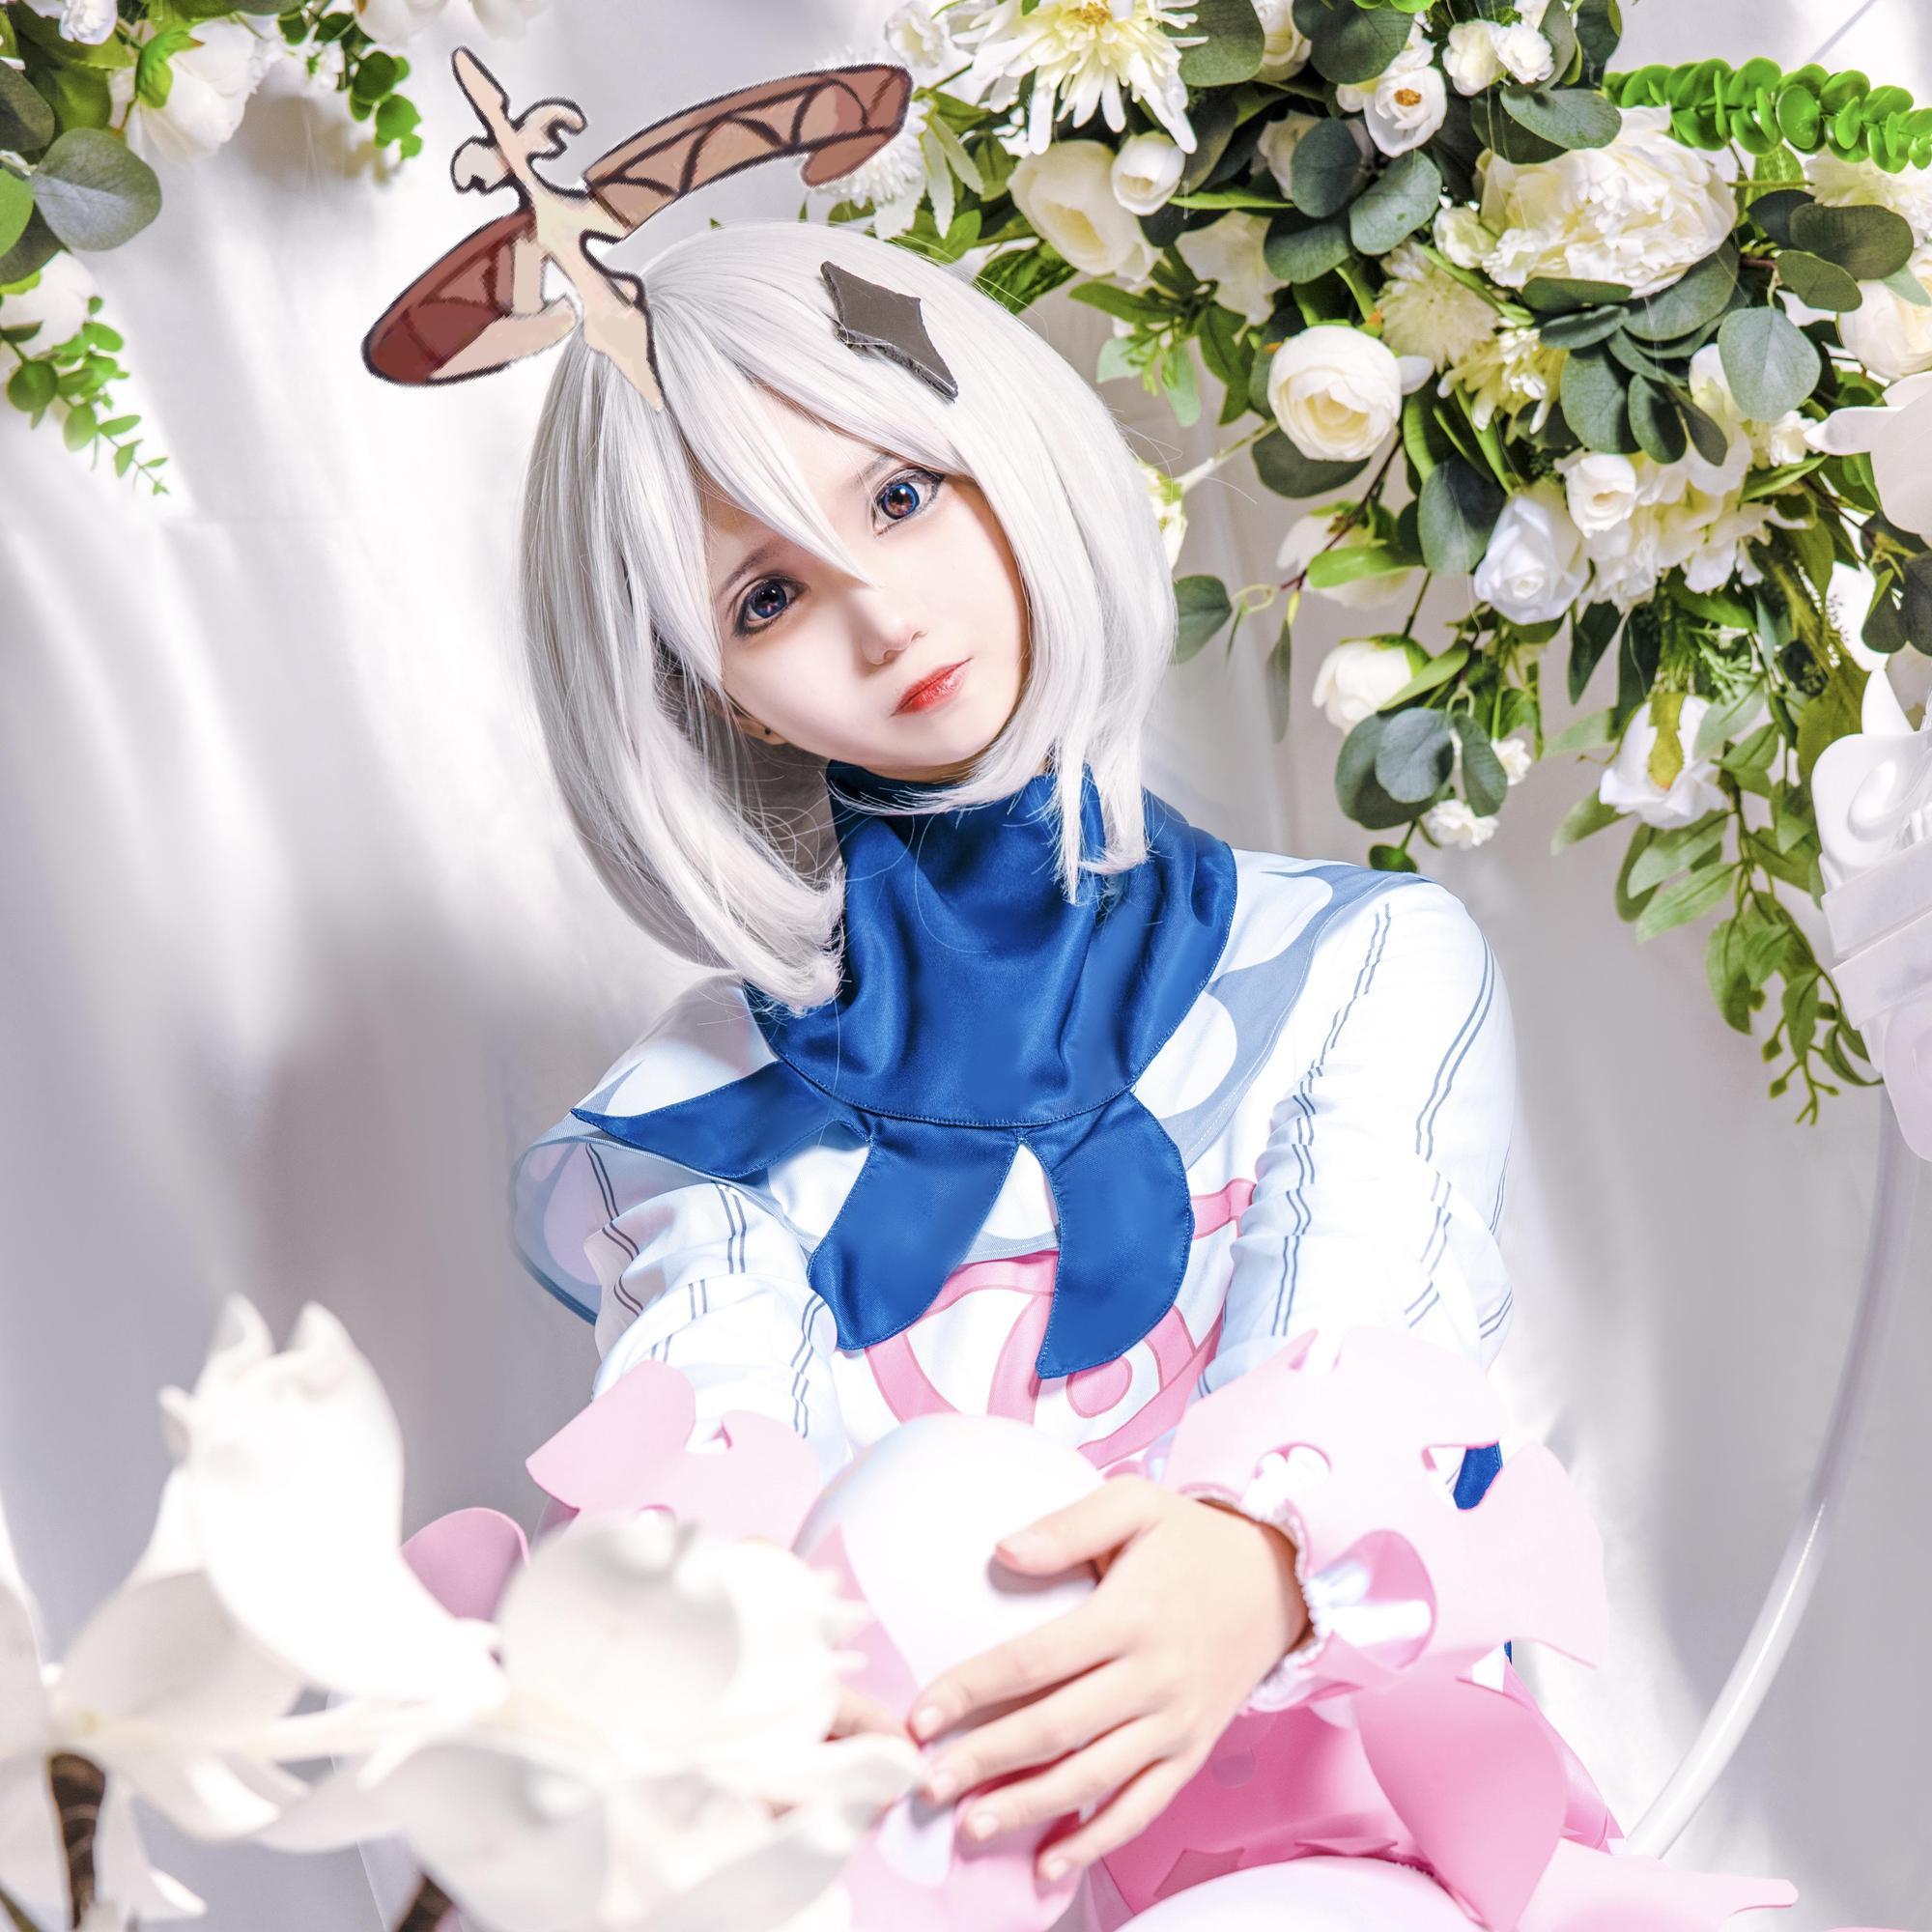 《原神》派蒙cosplay【CN:南千鲤Akirui】-第1张